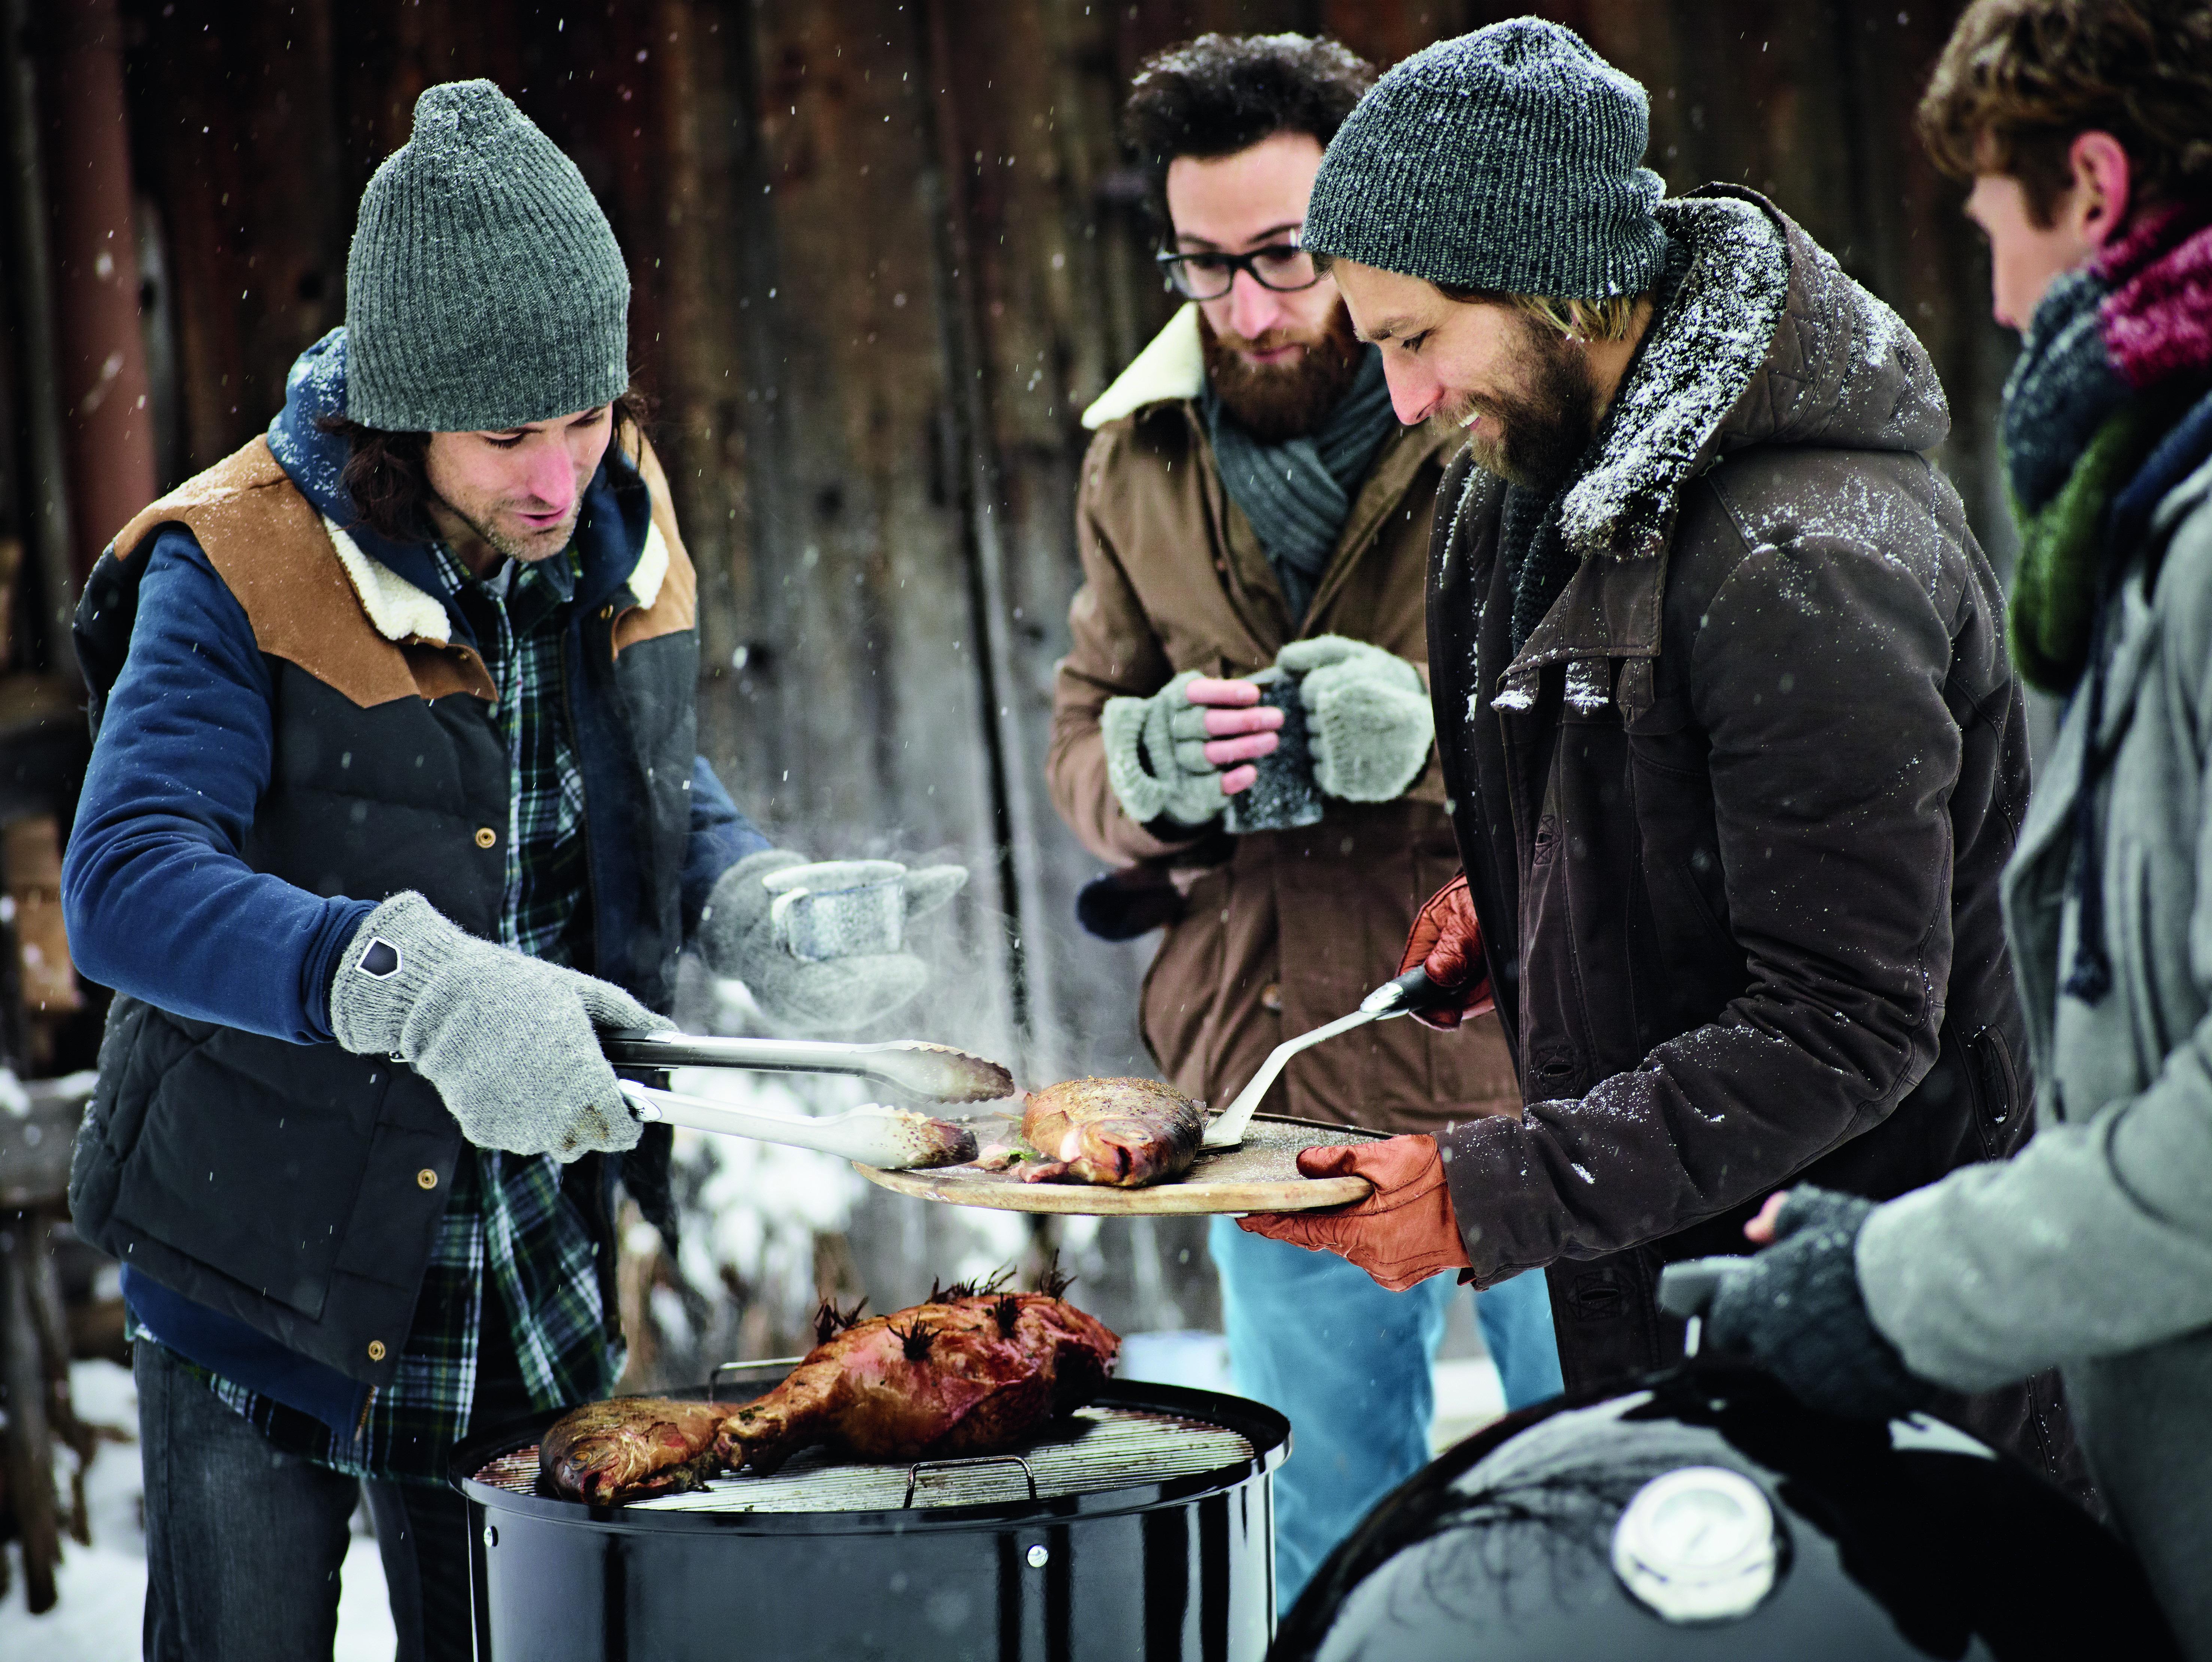 Weber Elektrogrill Im Winter : Grillen im winter genuss vom rost bei wind und wetter inspiration